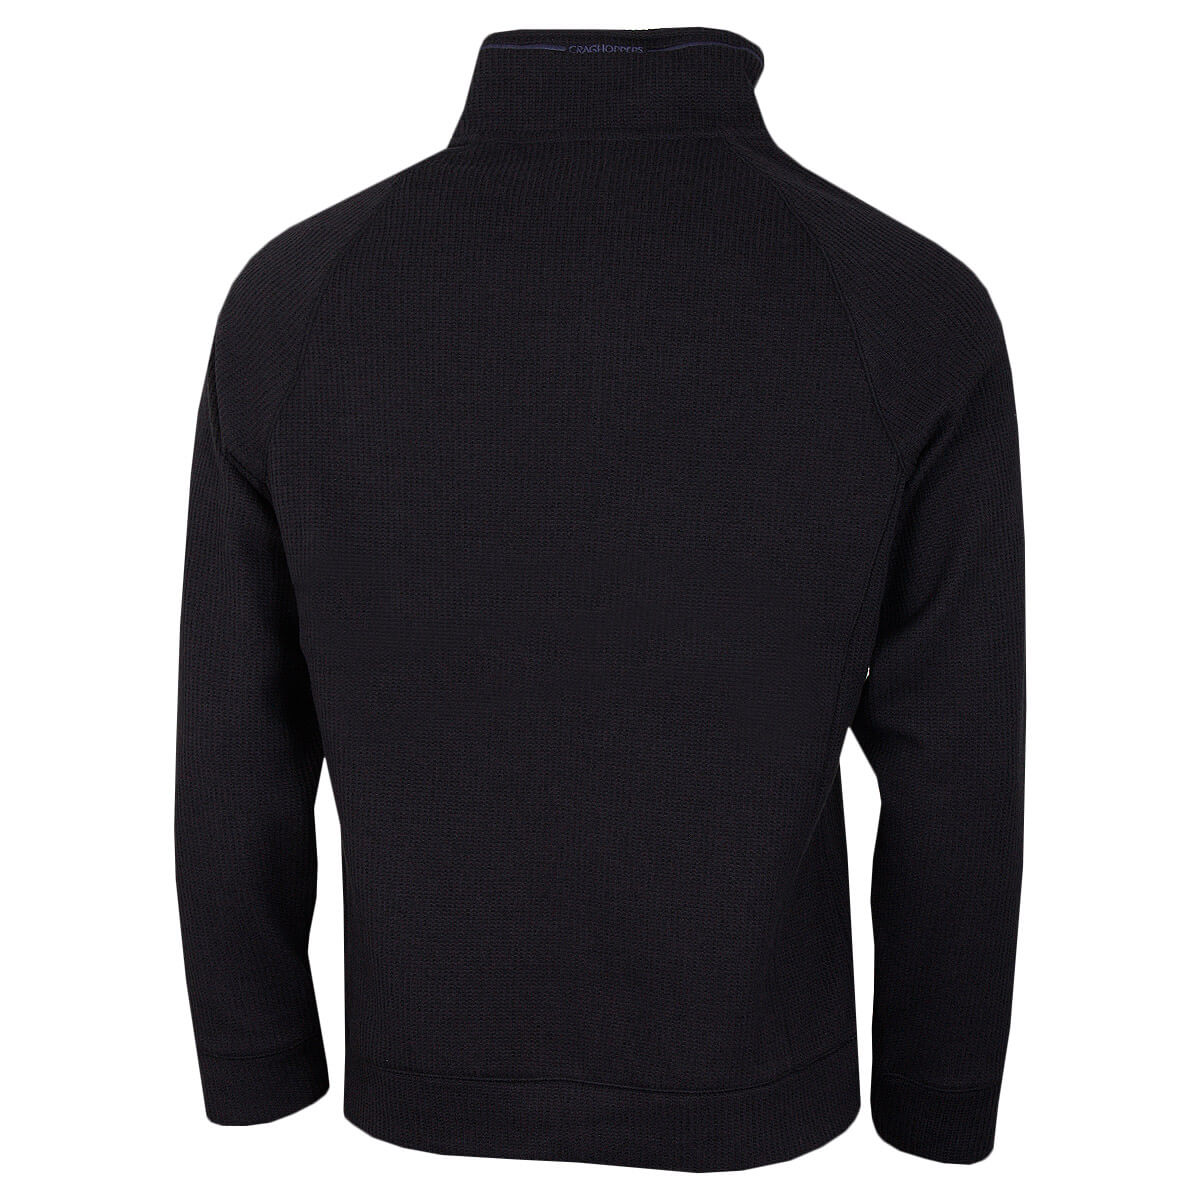 Craghoppers-Mens-Norton-Half-Zip-Fleece-Outdoor-Sweater-Pullover-60-OFF-RRP thumbnail 3